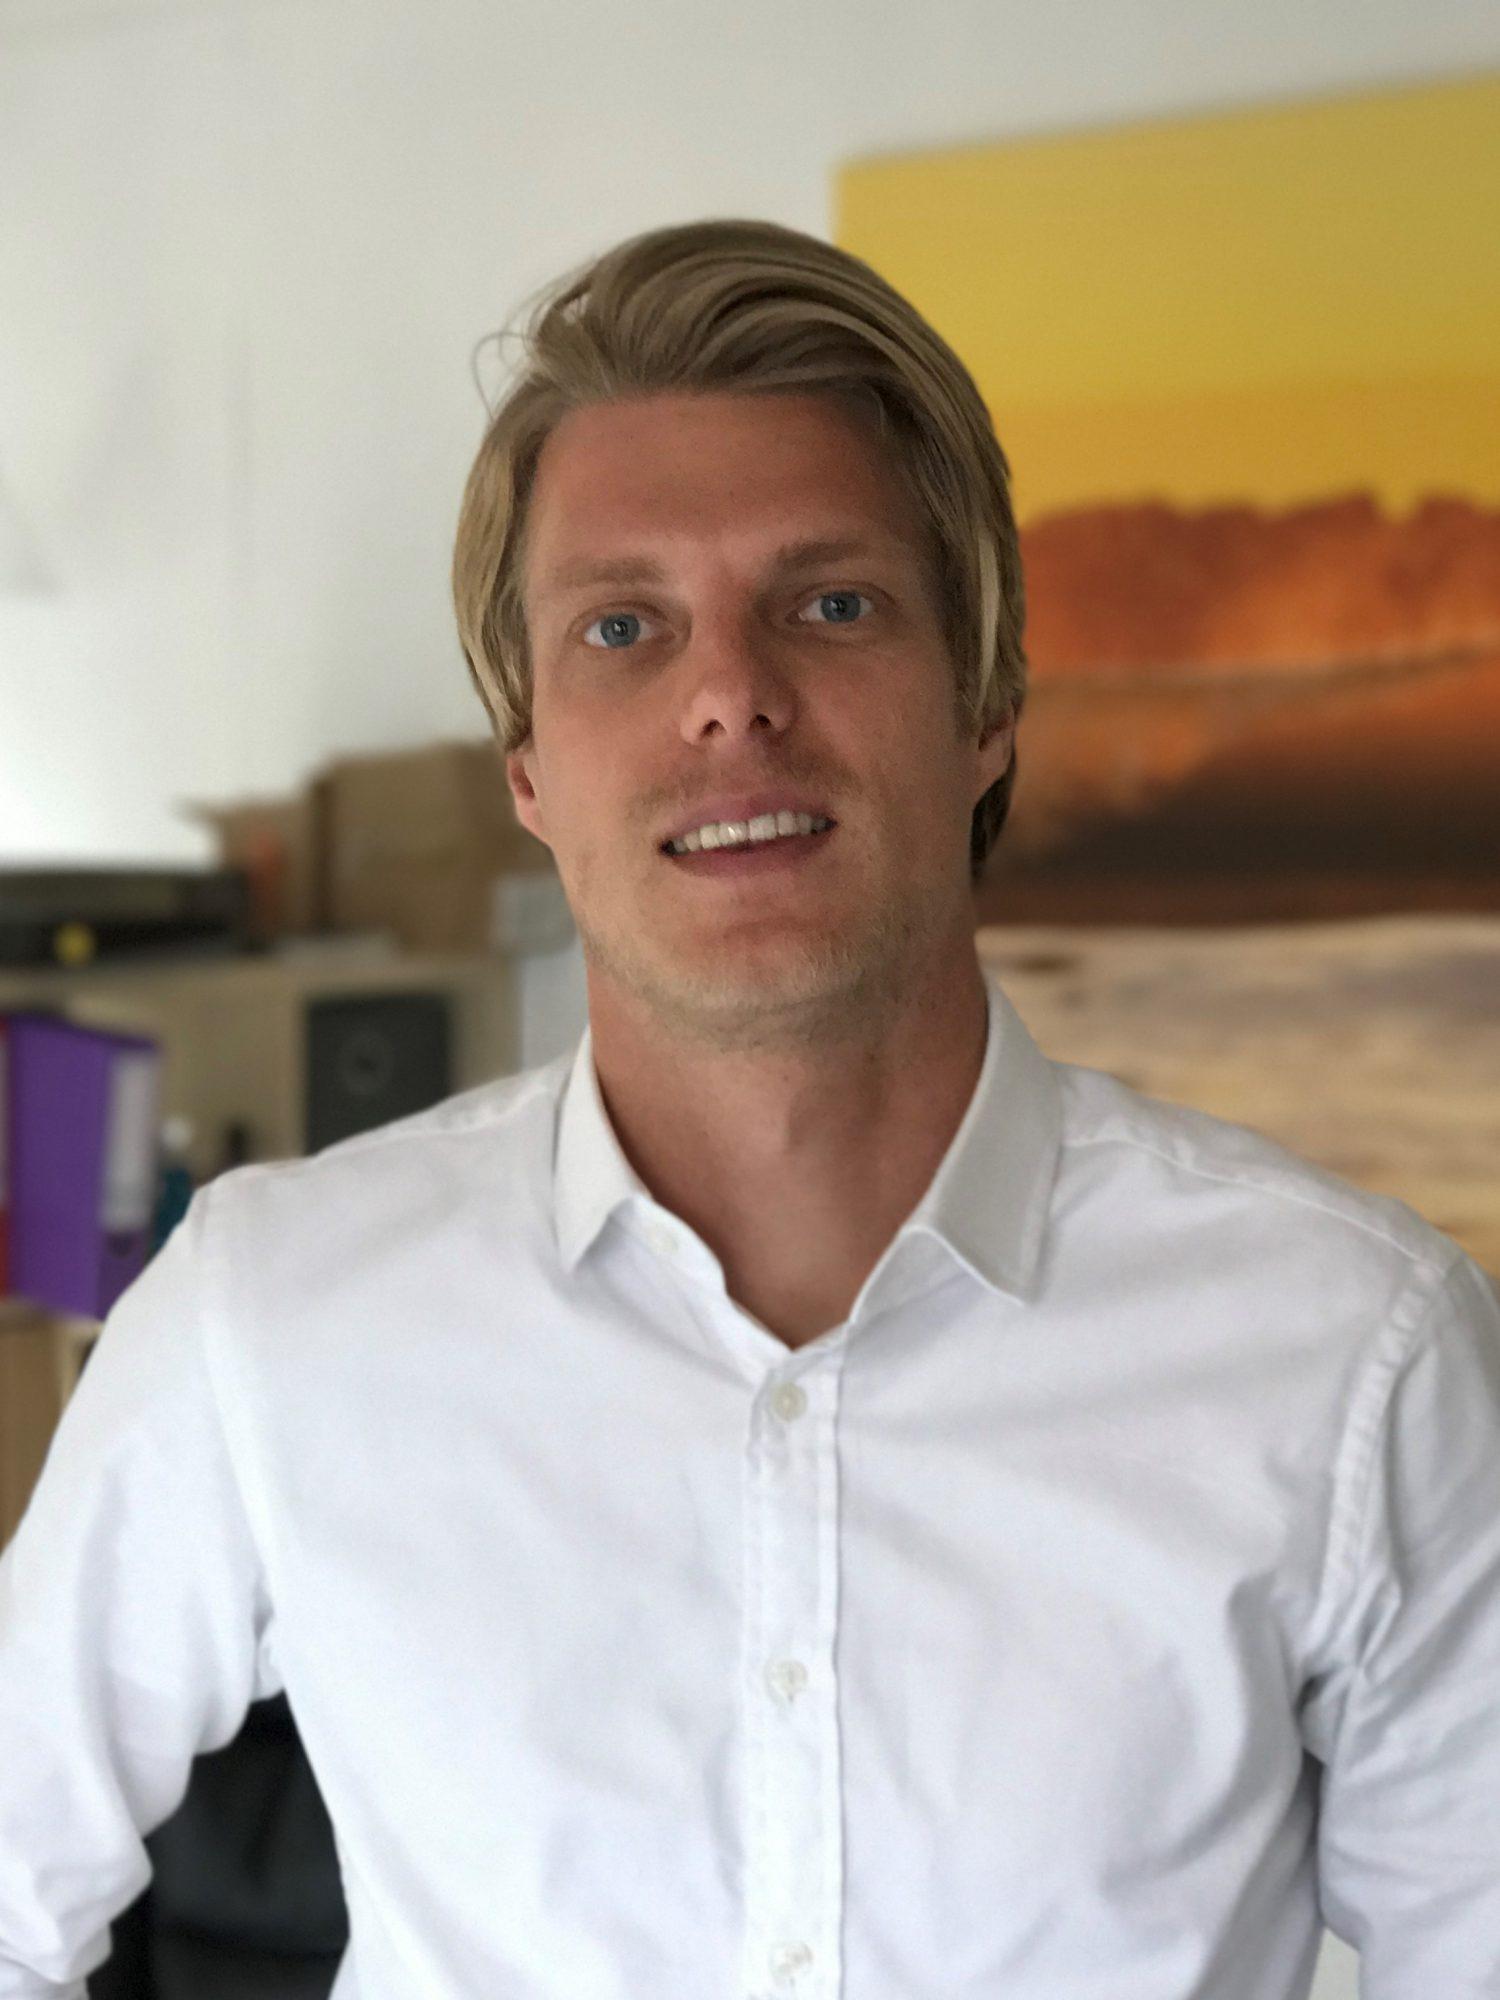 Tom Van der Meulen